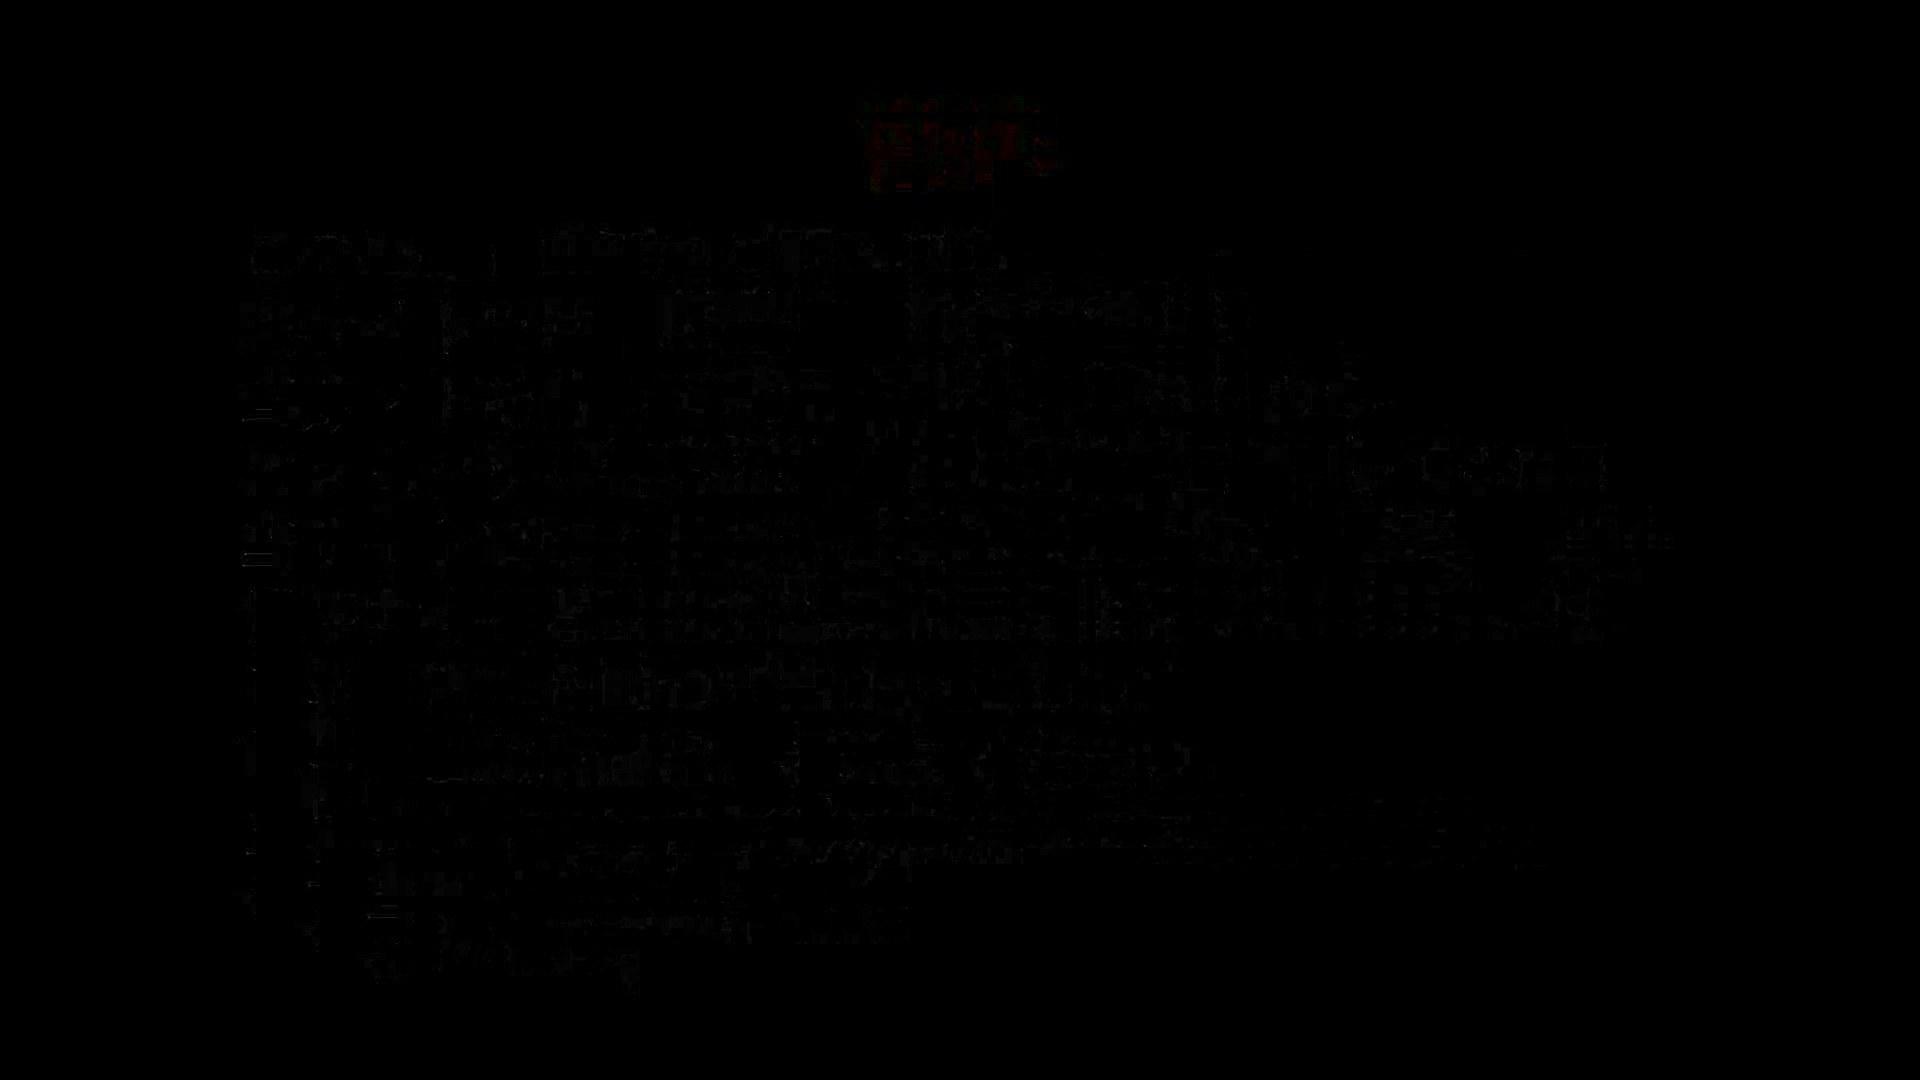 Aquaな露天風呂Vol.878潜入盗撮露天風呂十四判湯 其の一 露天 | 盗撮  78pic 1